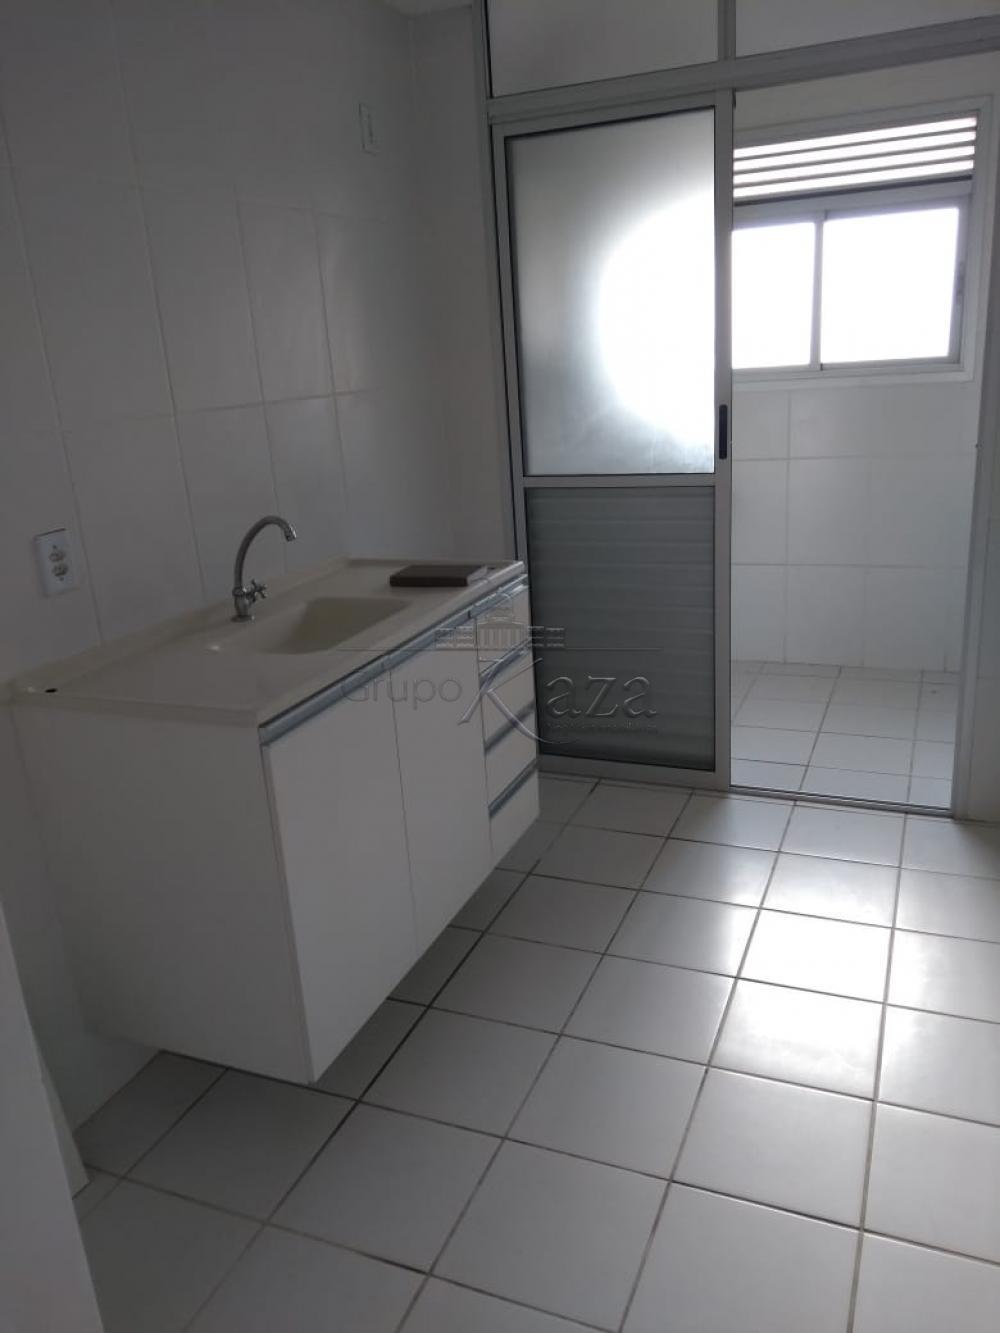 Comprar Apartamento / Padrão em São José dos Campos apenas R$ 295.000,00 - Foto 14